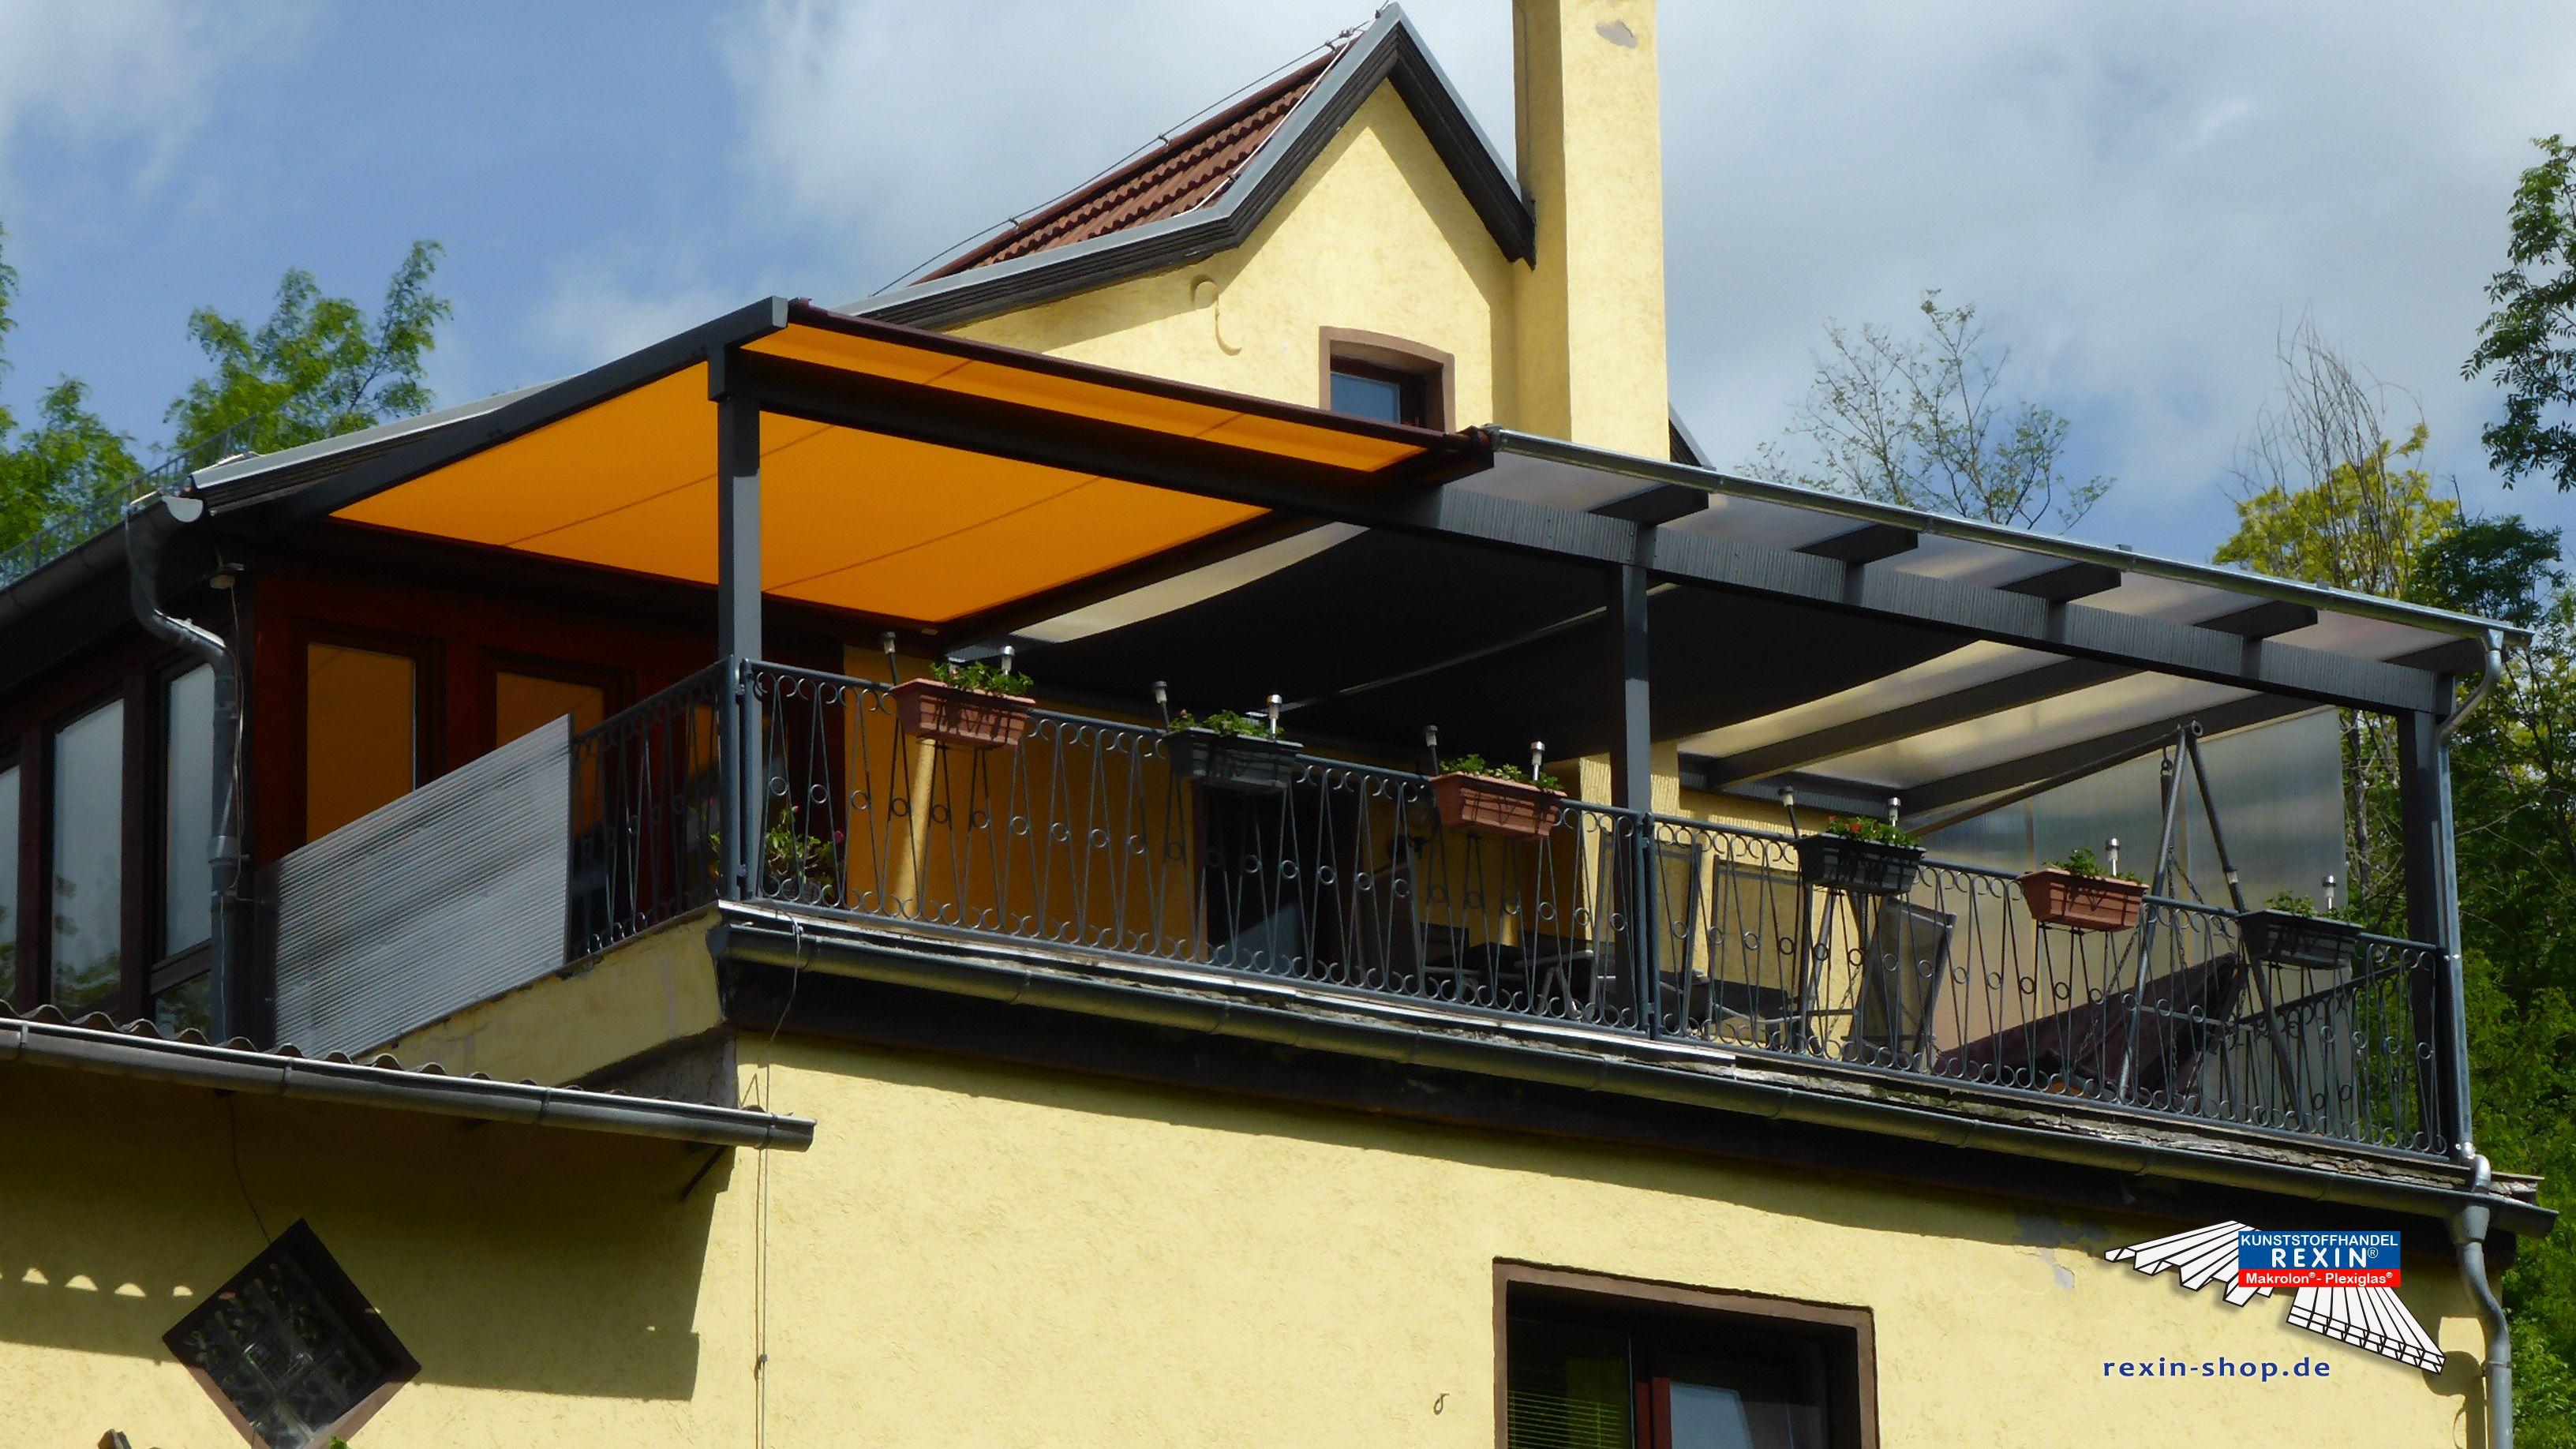 fbf95af37276a0db2473a25f051c3f05 Inspiration Sichtschutz Balkon Einseitig Durchsichtig Schema